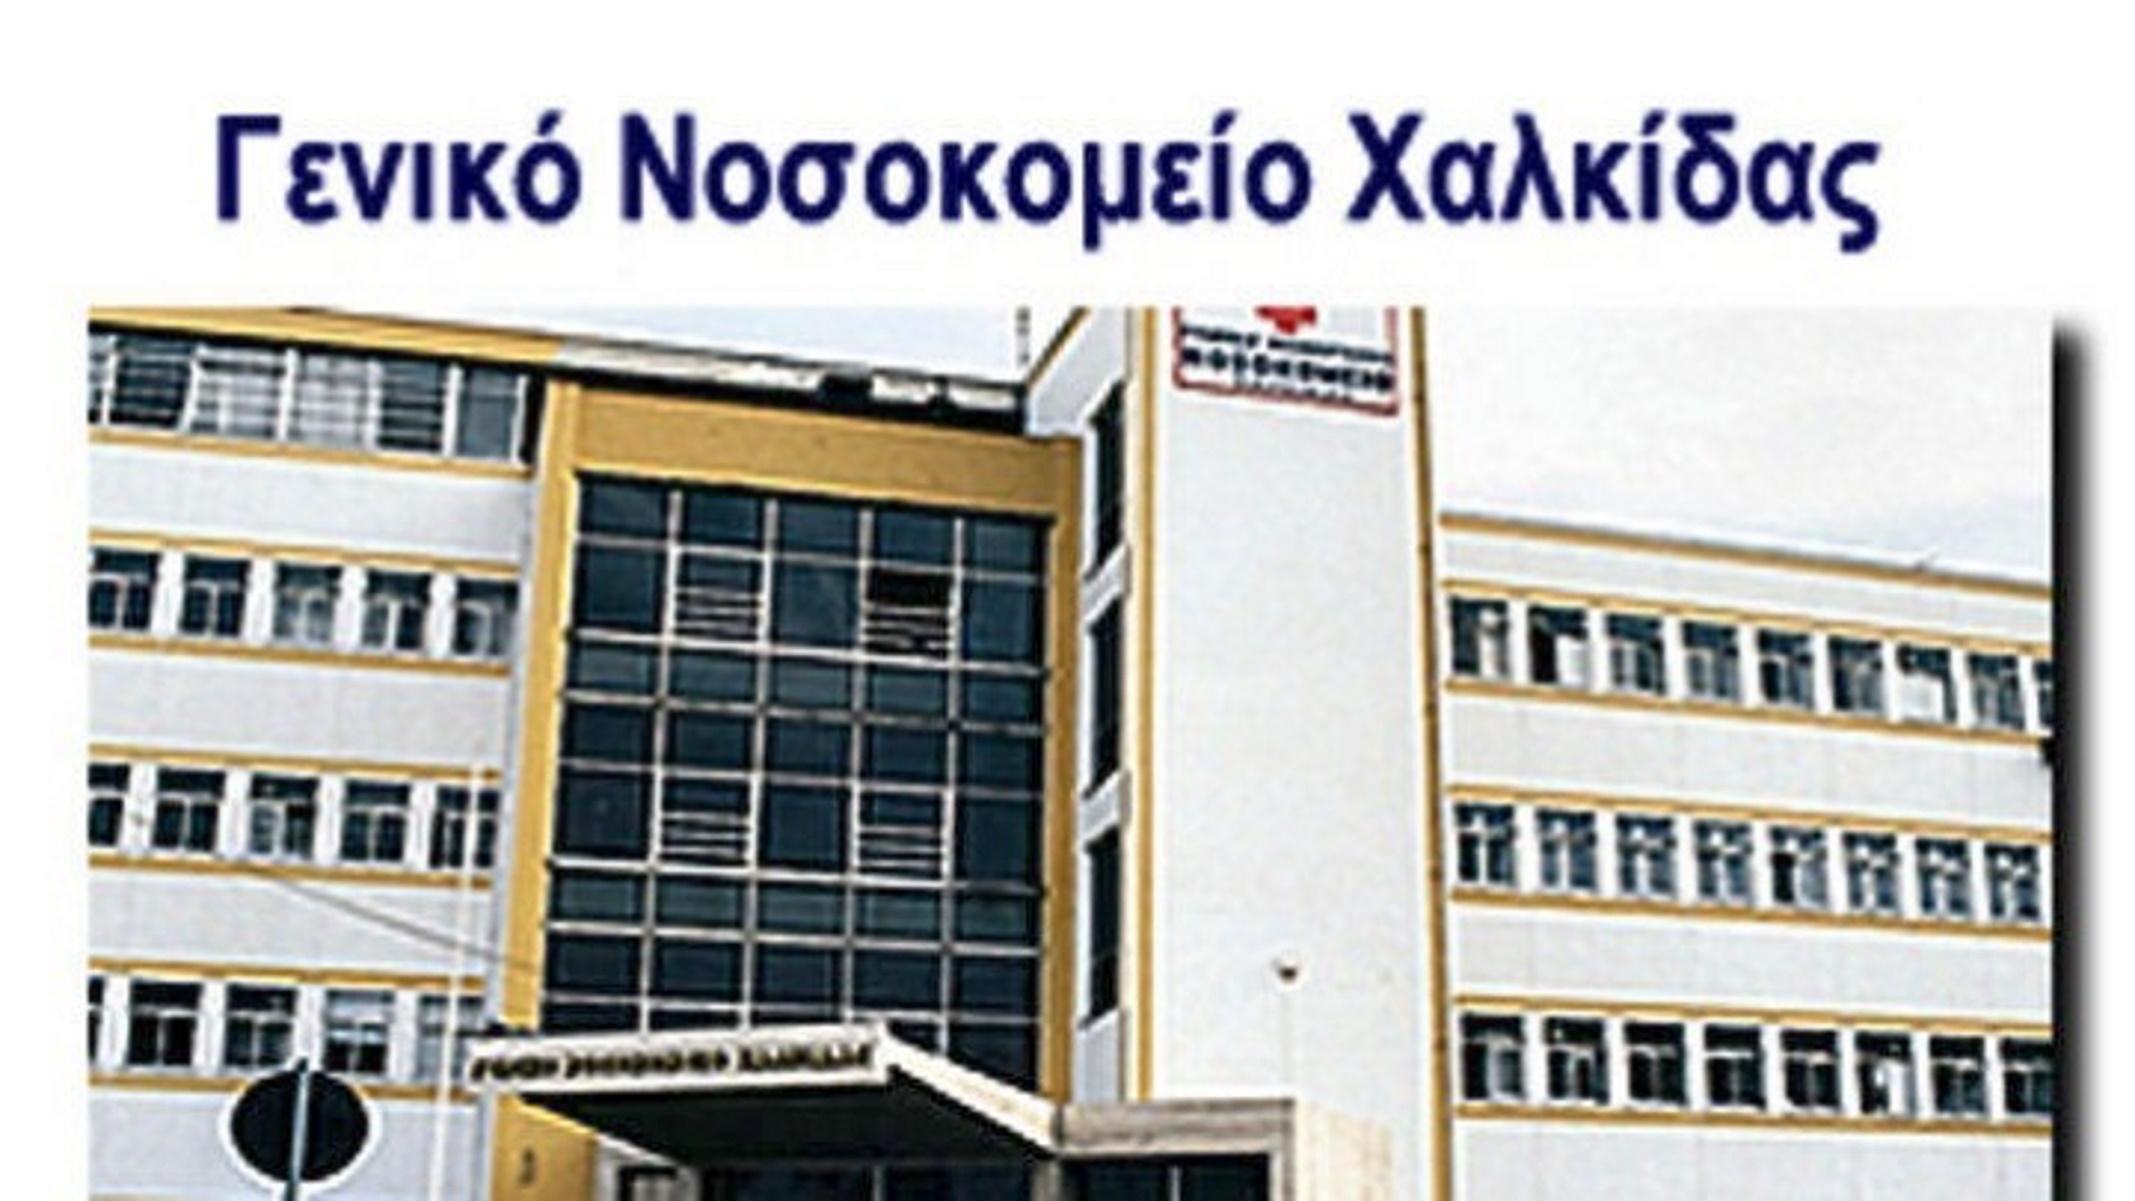 Κορονοϊός – Νοσοκομείο Χαλκίδας: Άλλοι δύο νεκροί μέσα σε λίγες ώρες